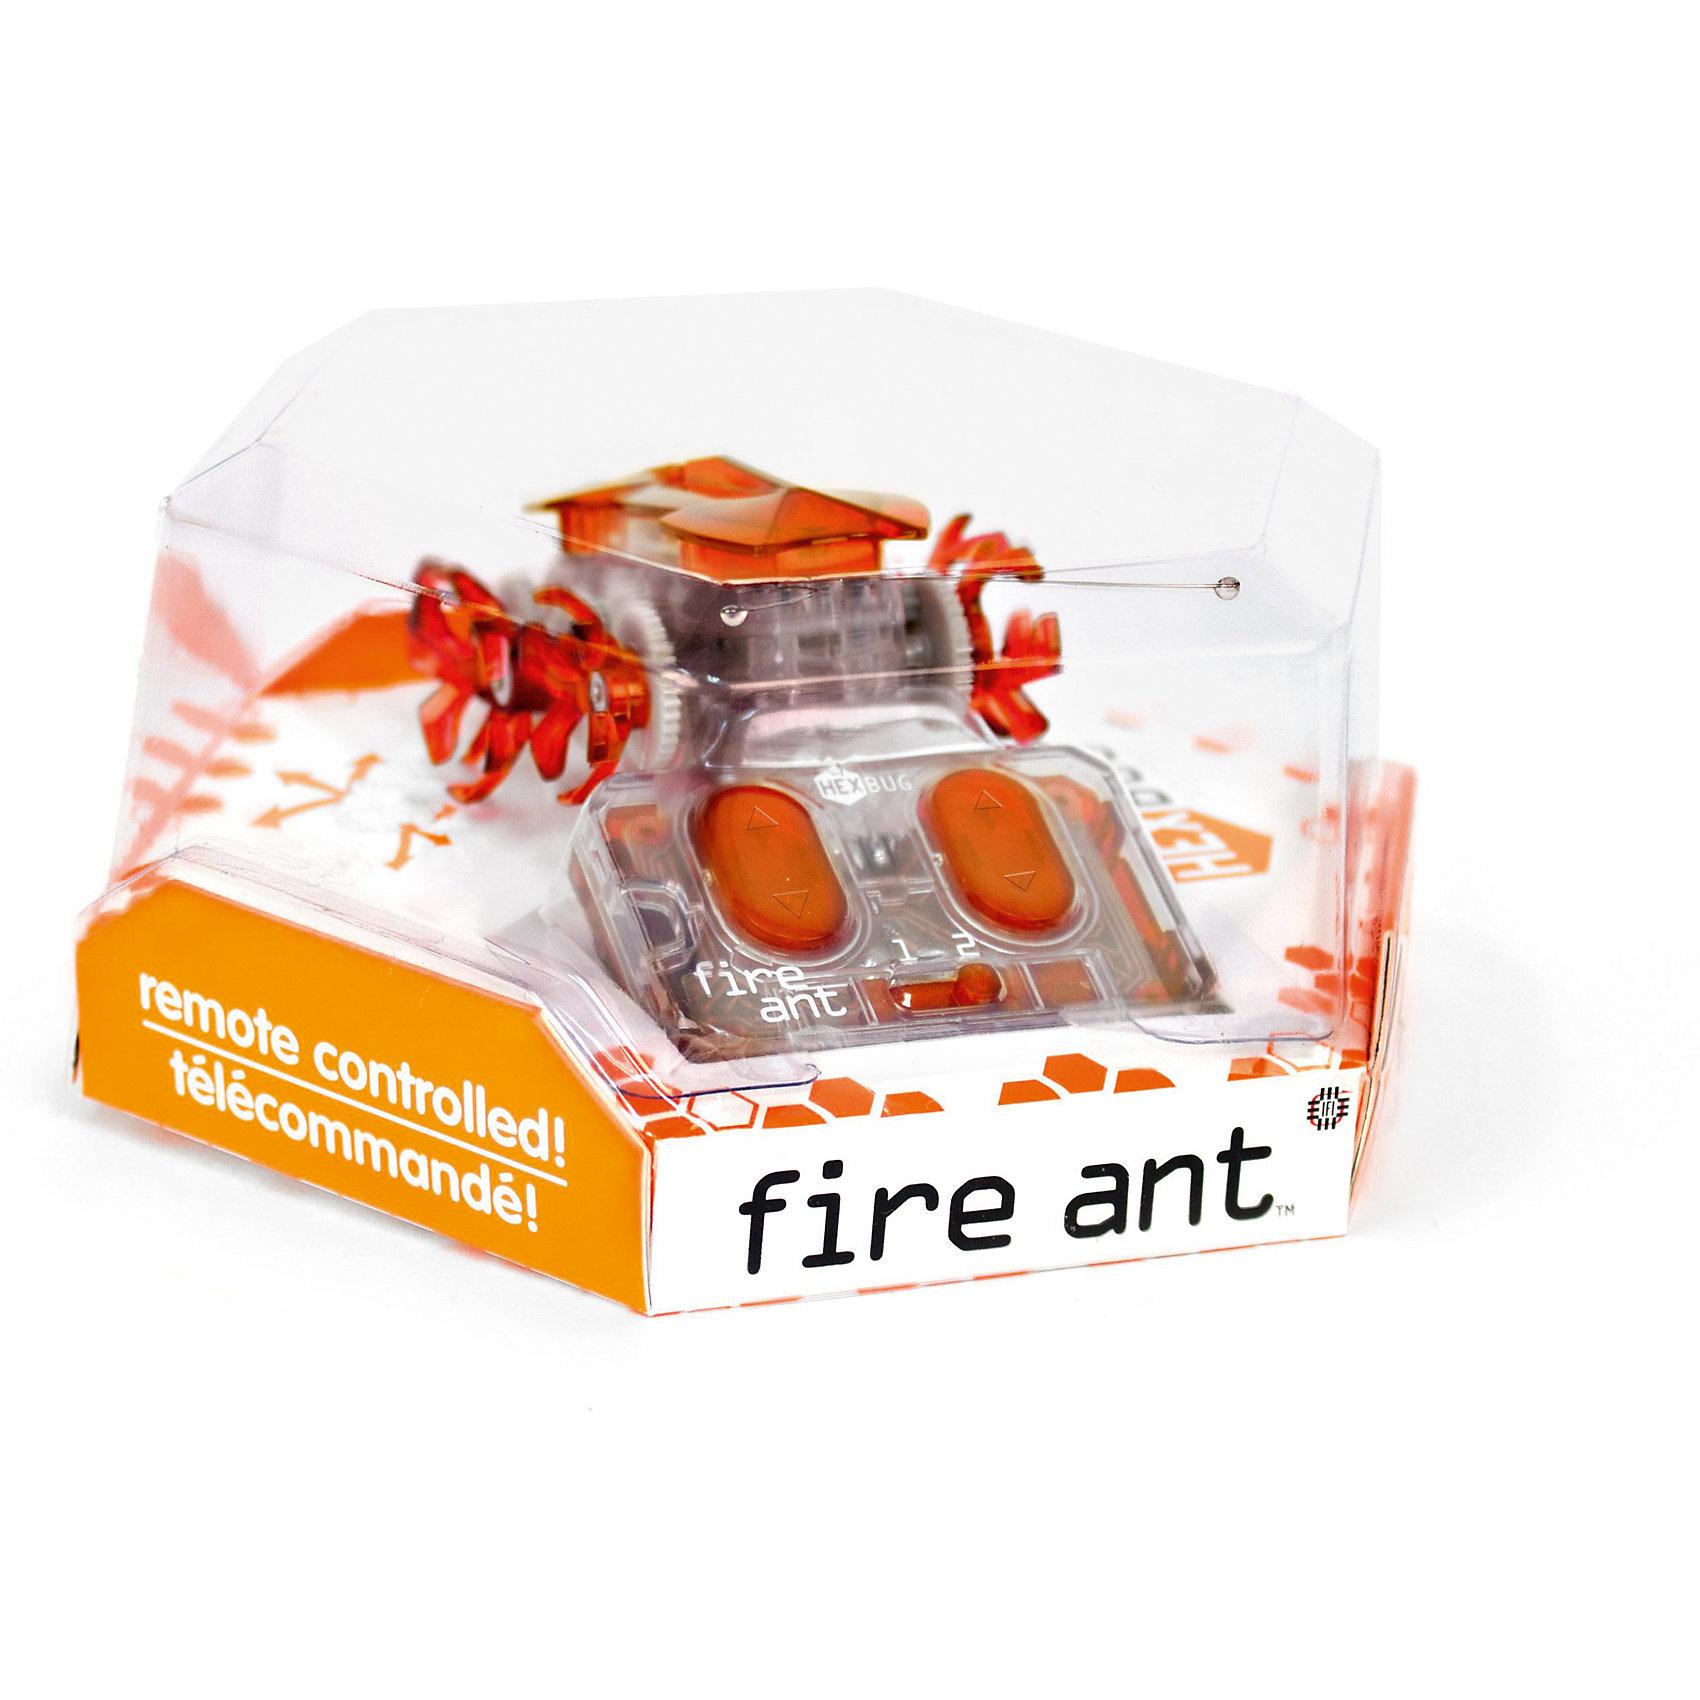 Микро-робот Огненный муравей, HexbugИнтерактивные животные<br>Микро-робот Огненный муравей, Hexbug (Хексбаг)<br><br>Характеристики:<br><br>• двухканальное управление<br>• цепкие лапки<br>• размер: 6,5х5х3 см<br>• материал: пластик, металл<br>• батарейки: AG13 - 3 (входят в комплект)<br>• батарейки пульта: AG13 - 2 шт.<br>• размер упаковки: 12х12х6 см<br>• вес: 70 грамм<br><br>Огненный муравей - микроробот от популярного бренда Hexbug. Его обновленные лапки легко цепляются за поверхность и быстро движутся вперед, принося зрителям много радостных впечатлений. Двухканальное управление позволяет играть с друзьями и устраивать настоящие сражения роботов. Для работы необходимы пять батареек AG13 (входят в комплект).<br><br>Микро-робота Огненный муравей, Hexbug (Хексбаг) вы можете купить в нашем интернет-магазине.<br><br>Ширина мм: 60<br>Глубина мм: 110<br>Высота мм: 130<br>Вес г: 69<br>Возраст от месяцев: 36<br>Возраст до месяцев: 2147483647<br>Пол: Унисекс<br>Возраст: Детский<br>SKU: 5507196